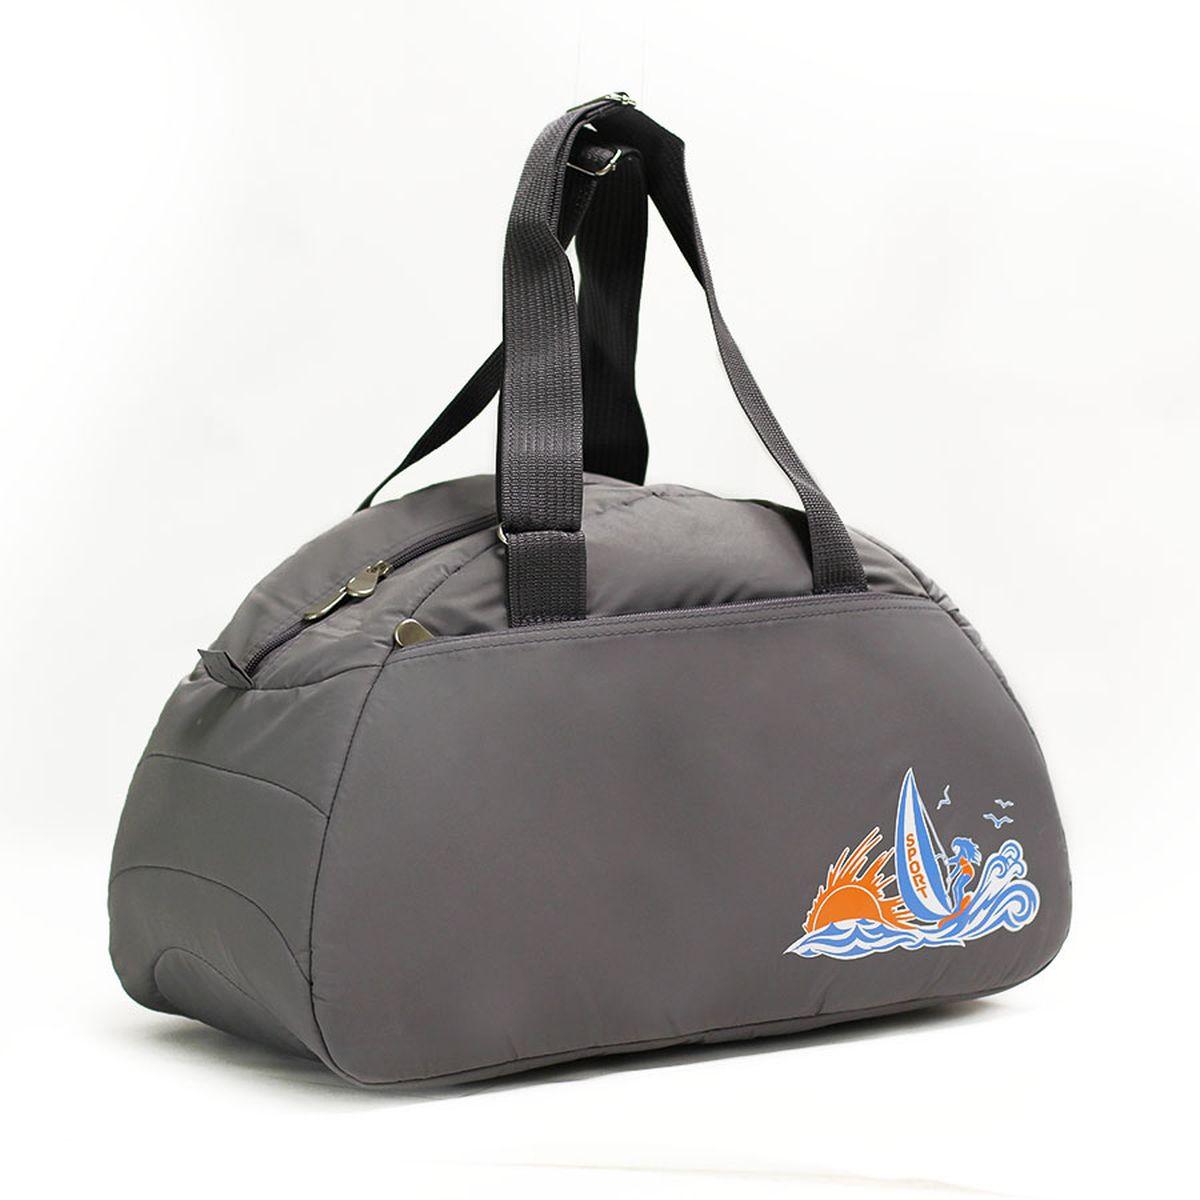 Сумка спортивная Polar, цвет: серый, 28 л. 60206020_серыйСпортивная сумка имеет одно большое отделение, внутри которого один карман на молнии. Снаружи один большой карман на молнии. Длина ручек регулируется по необходимой длине, что позволяет носить сумку как в руках, так и на плече. \Максимальная высота ручек- 35 см. Съемного плечевого ремня нет.